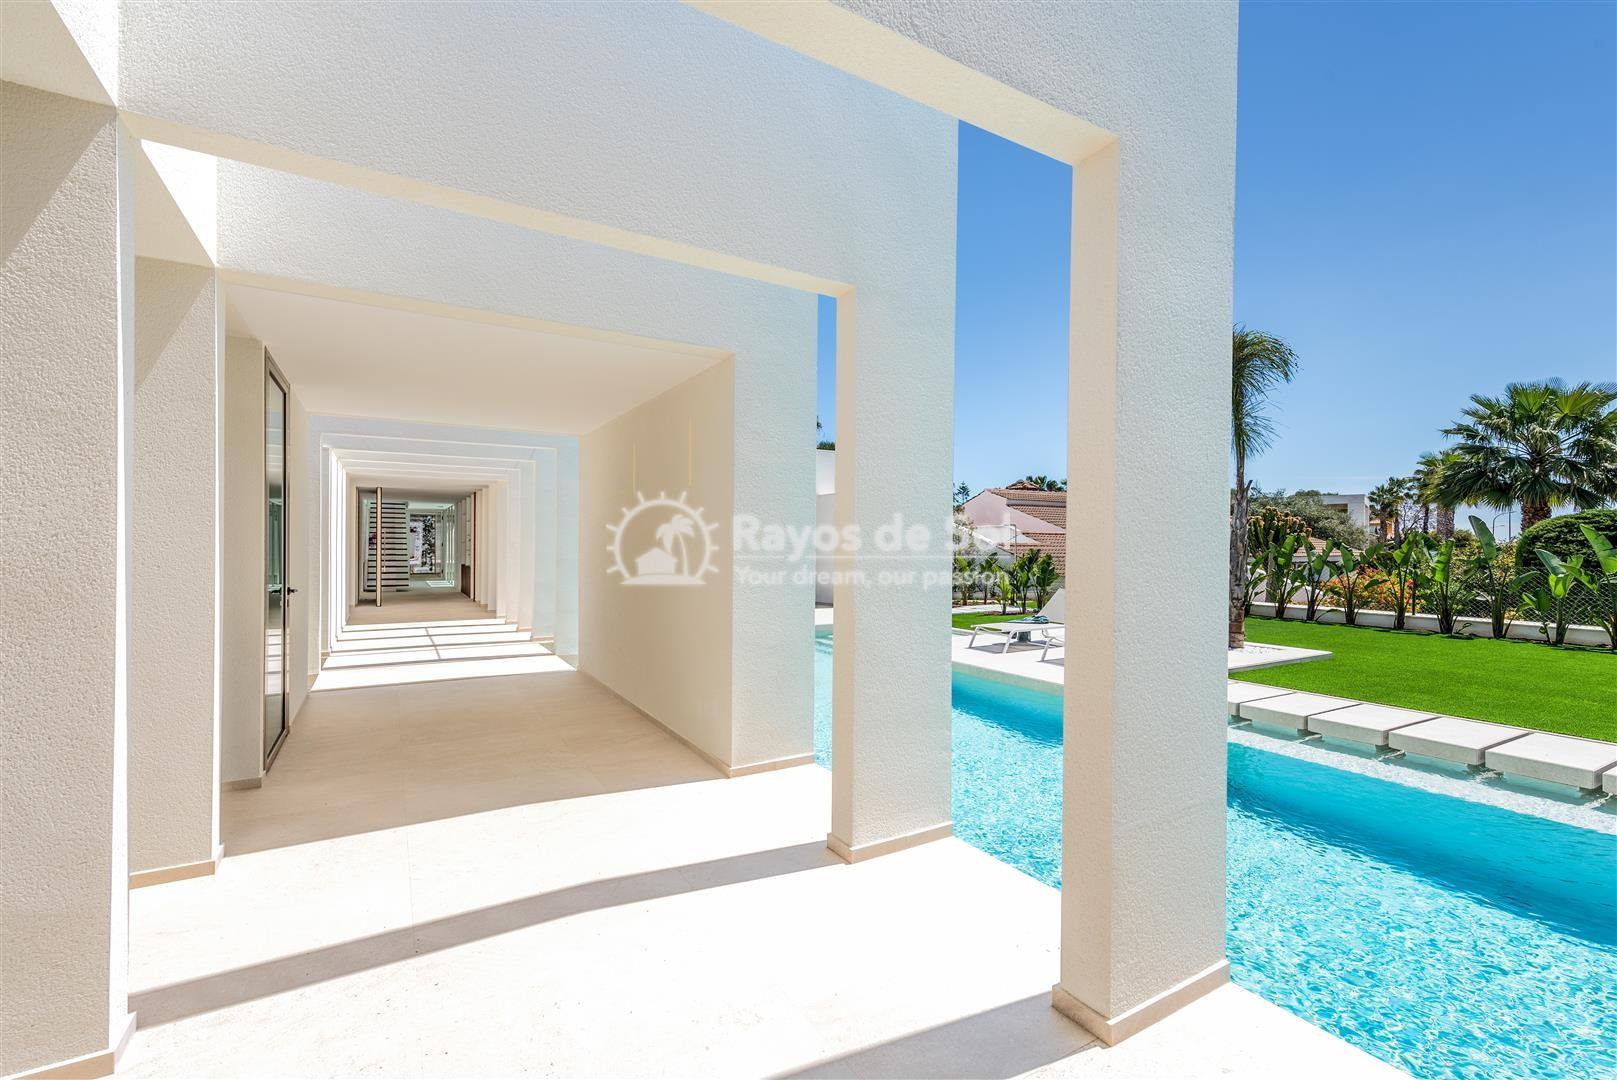 Keyready villa  in Villamartin, Costa Blanca (VIMAVI) - 9